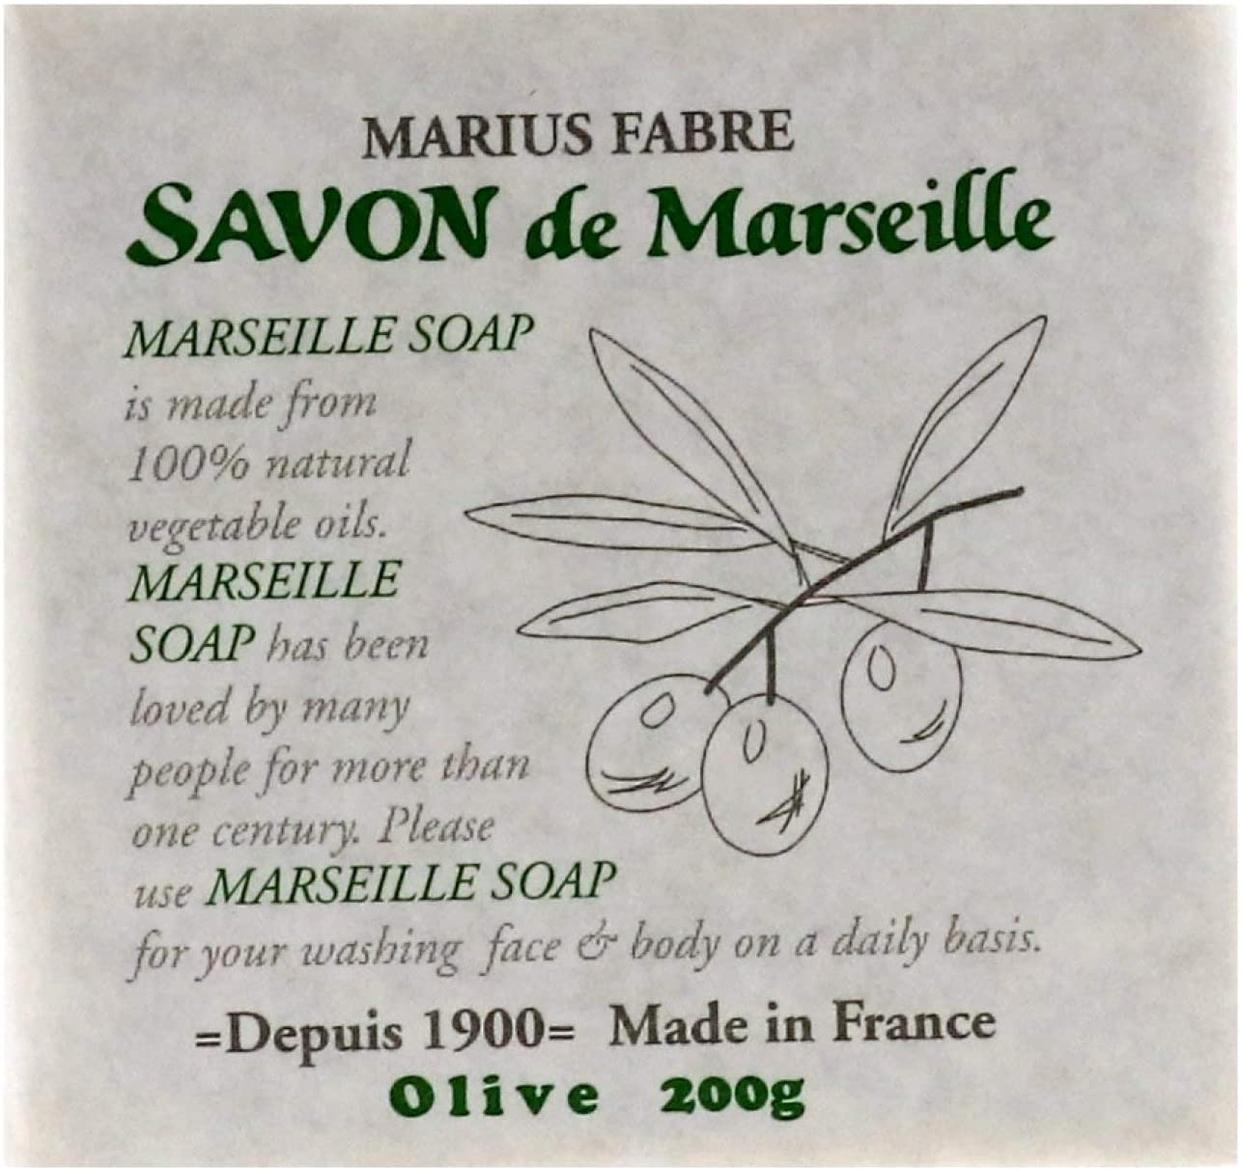 MARIUS FABRE(マリウス ファーブル) サボン ド マルセイユ オリーブの商品画像